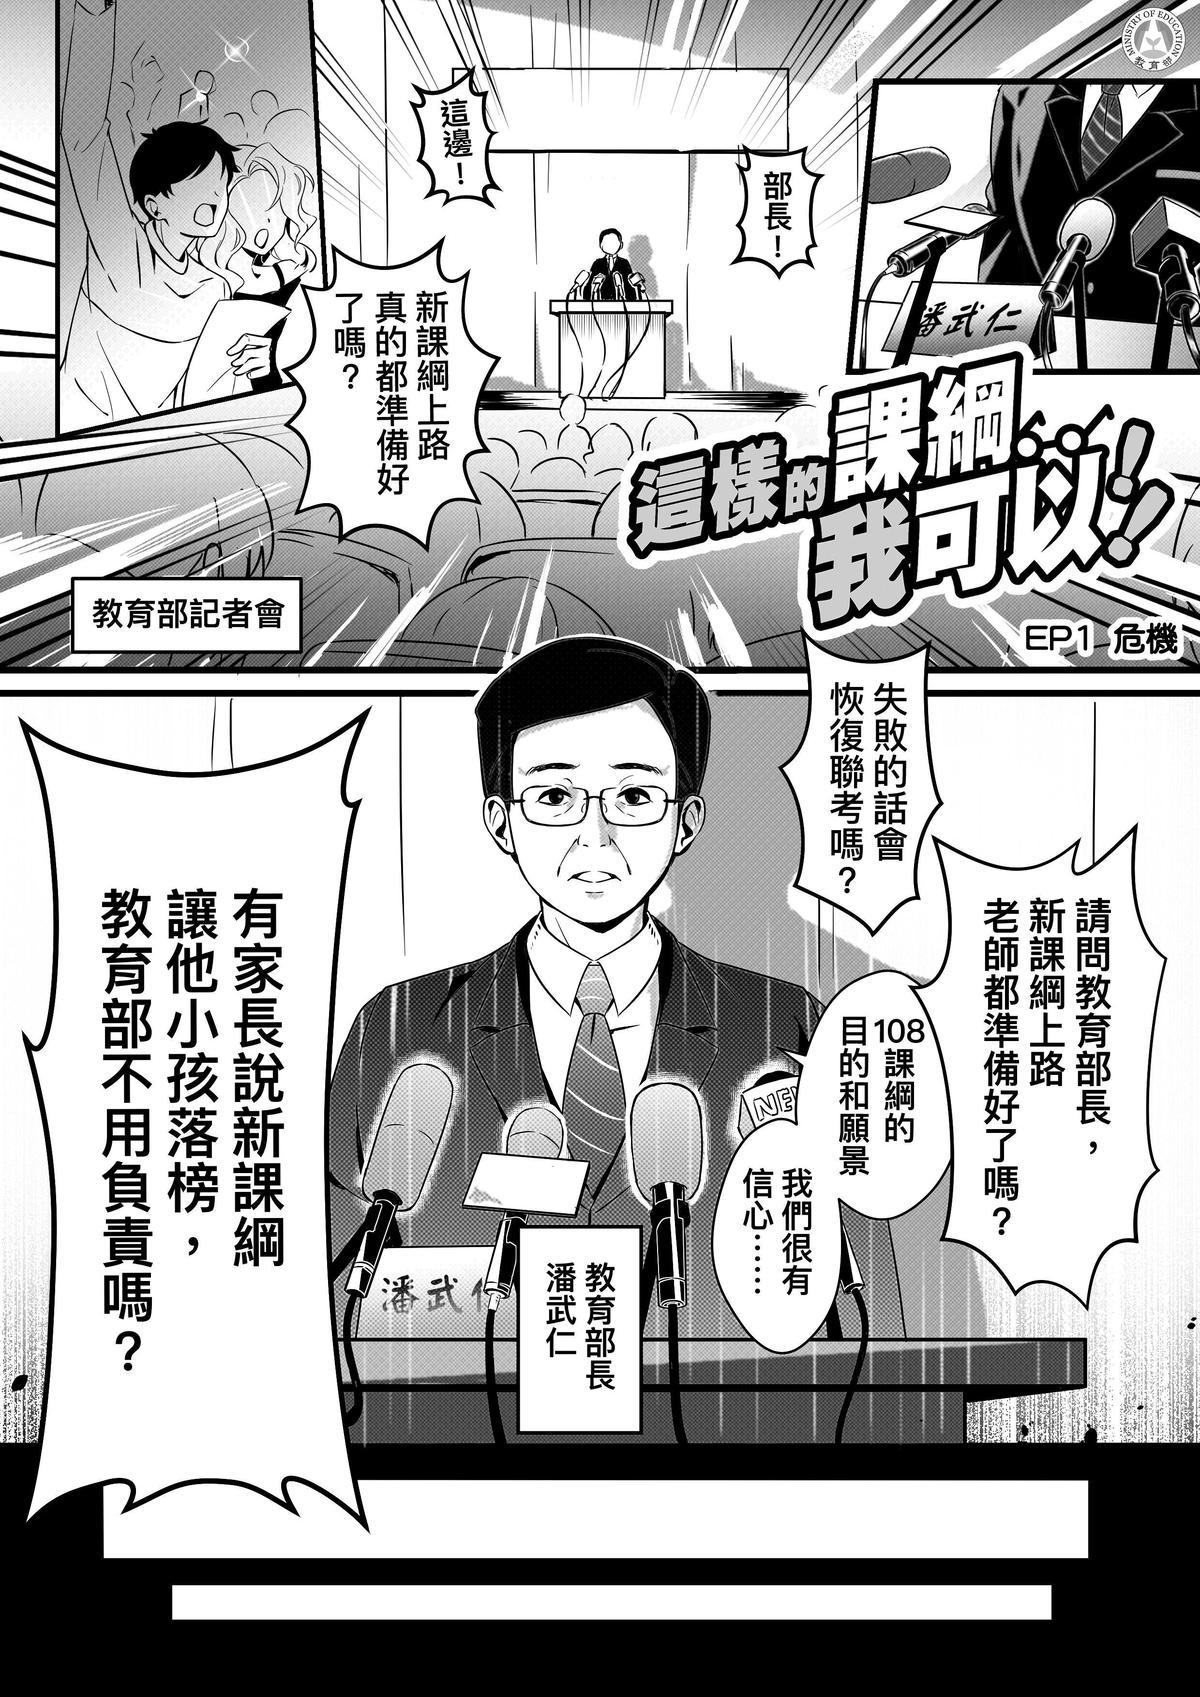 教育部近來宣傳政令的方式活潑有趣,團隊還製作漫畫解讀新課綱,把潘文忠變成漫畫人物,還有花美男高中生形象。(翻攝教育部臉書)